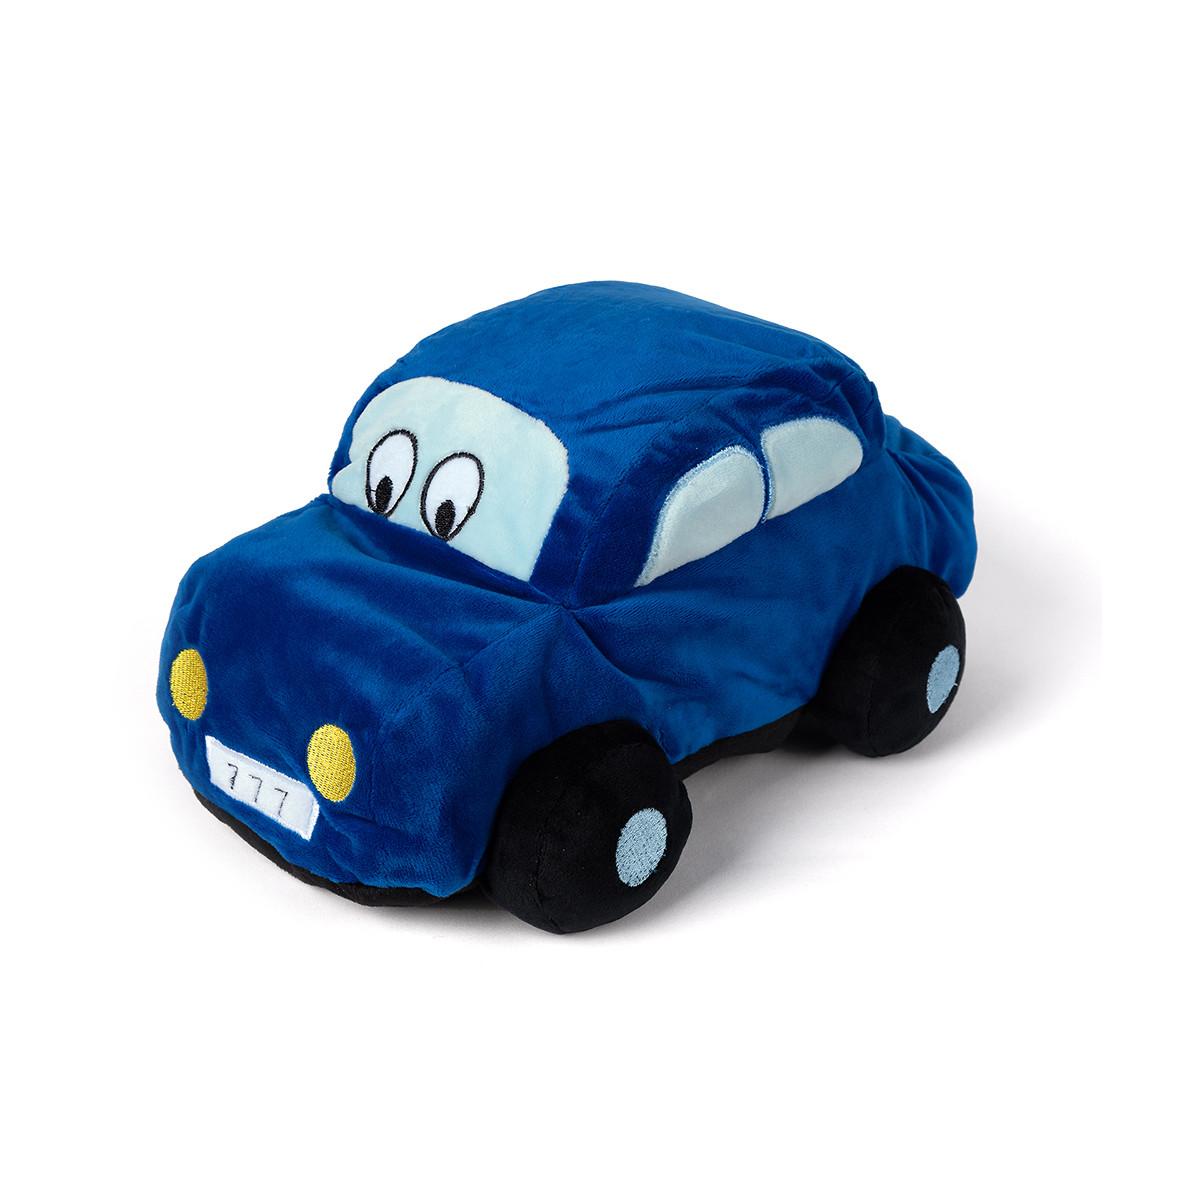 Κουβέρτα Fleece Αγκαλιάς Silk Fashion Blue Car